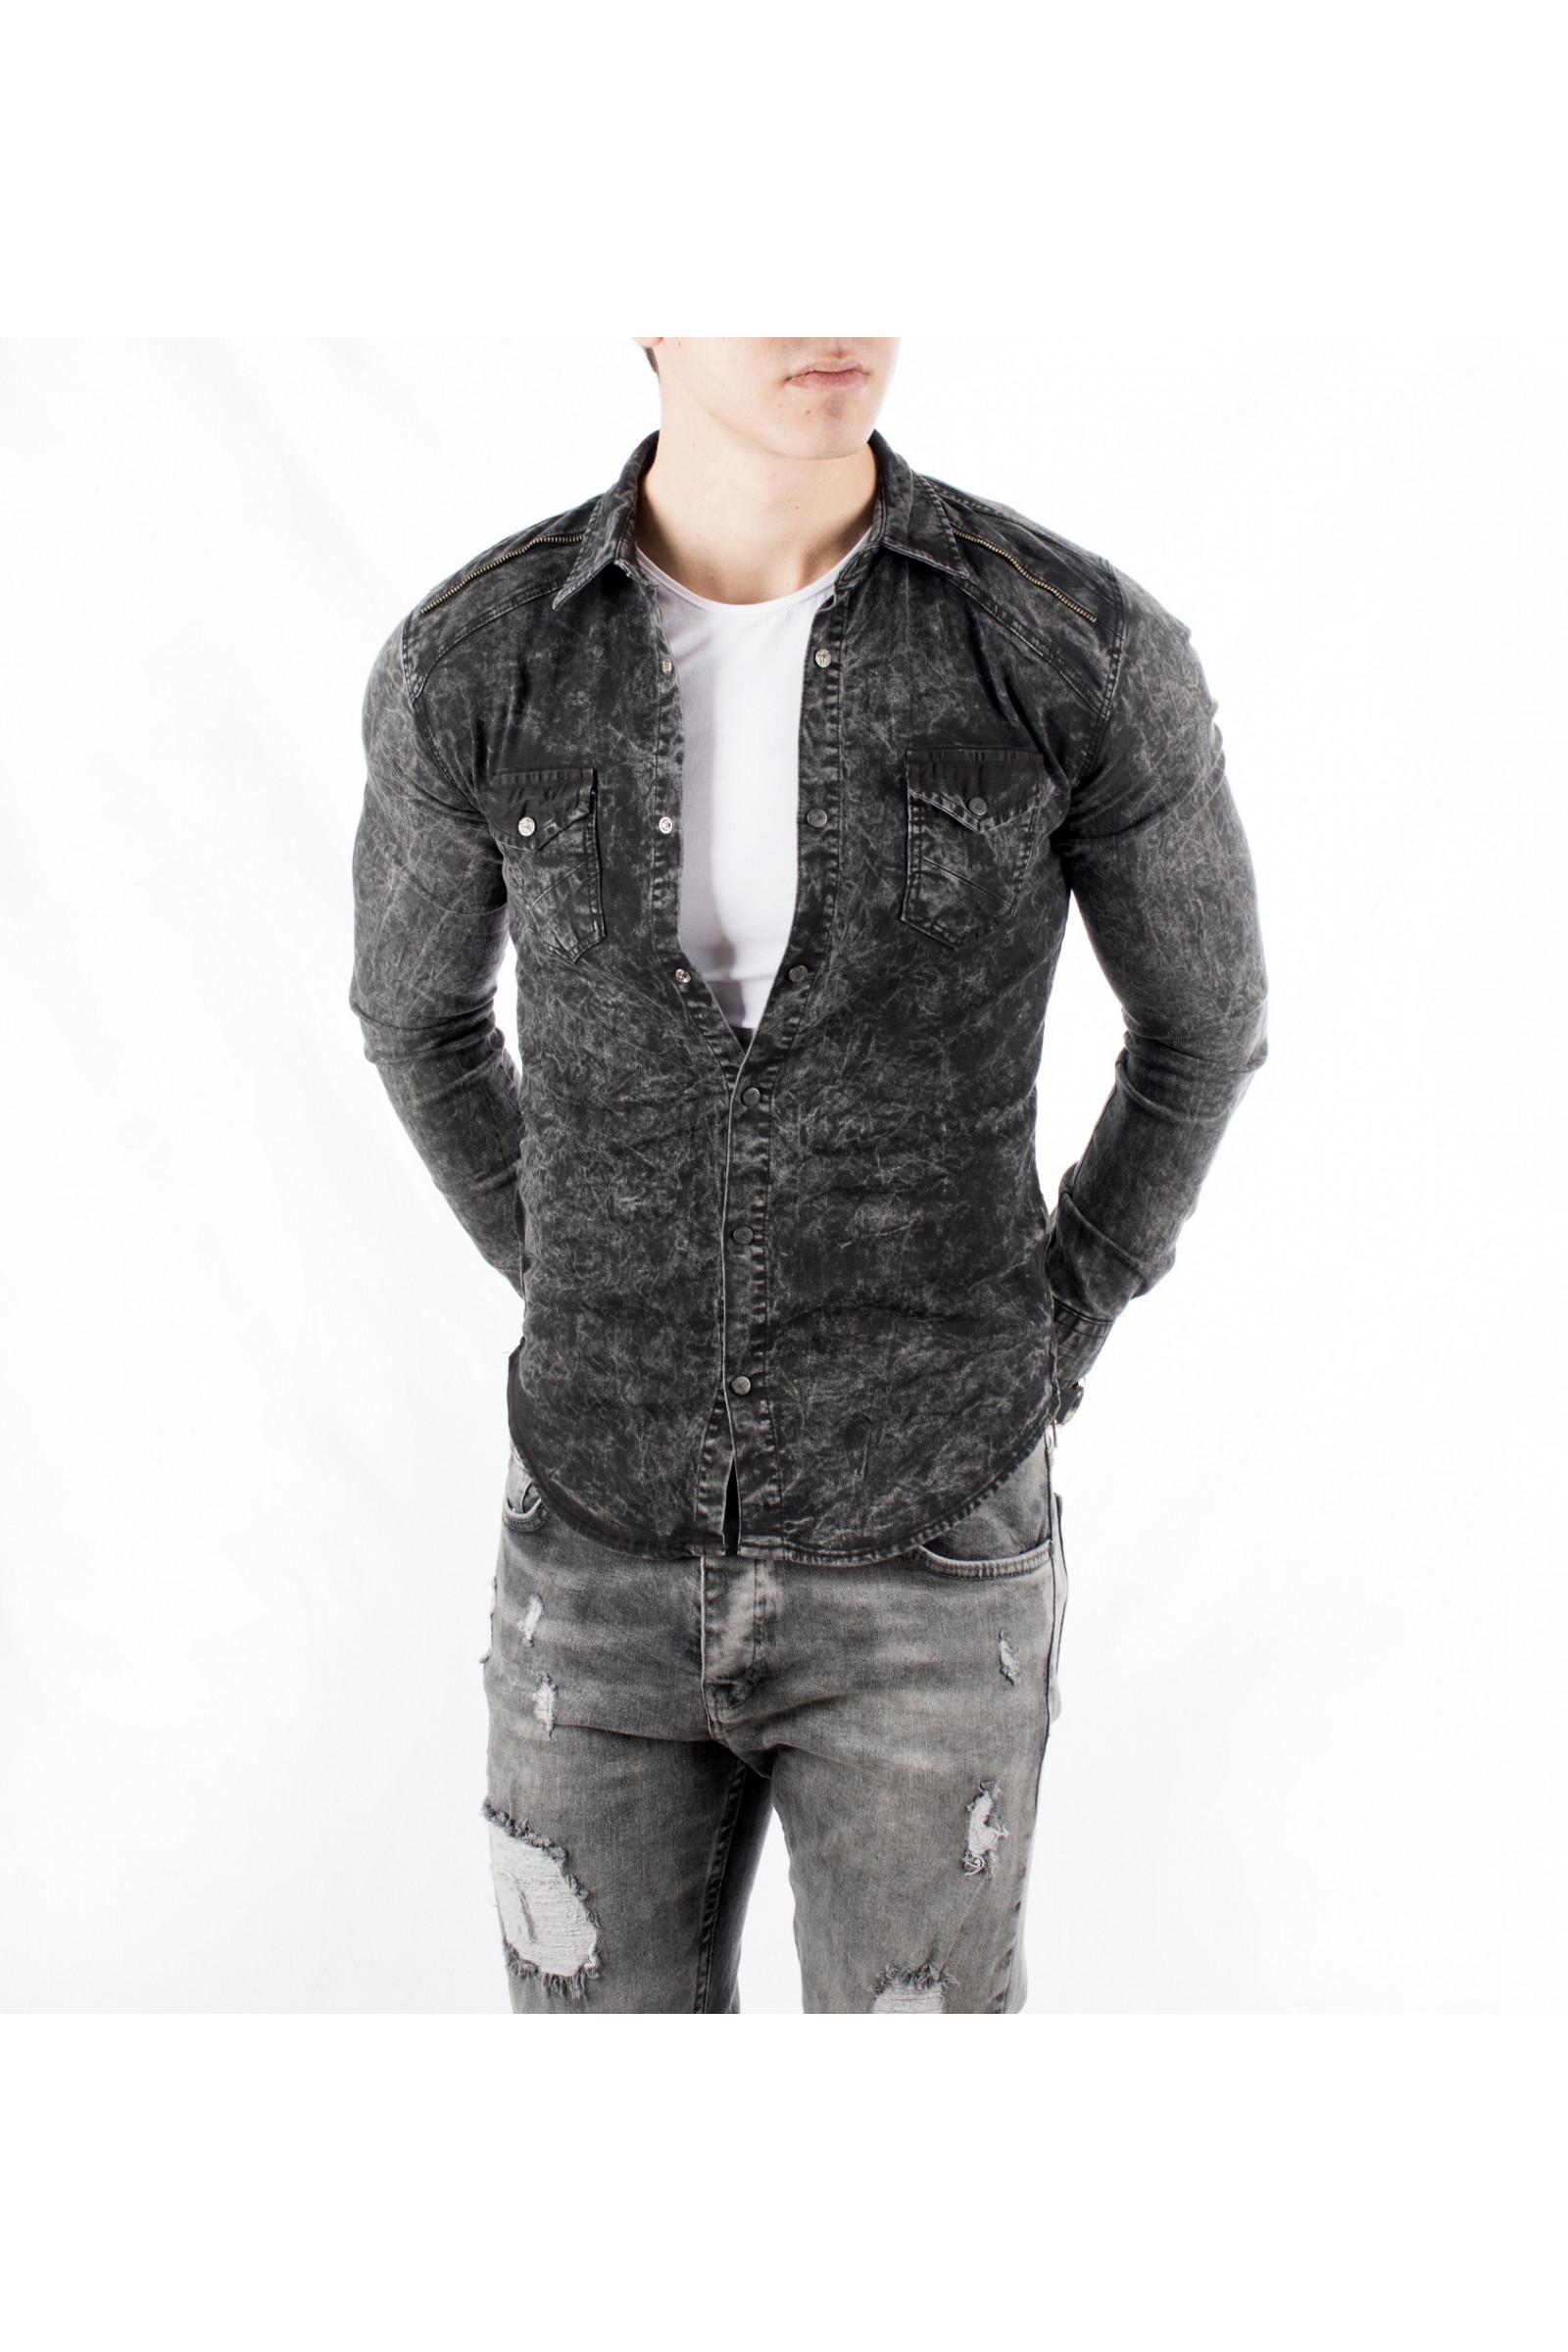 e7922e0294e DeepSEA Fabric Self-Tied Snapper Narrow Hem Mens Jeans Shirt 1803035